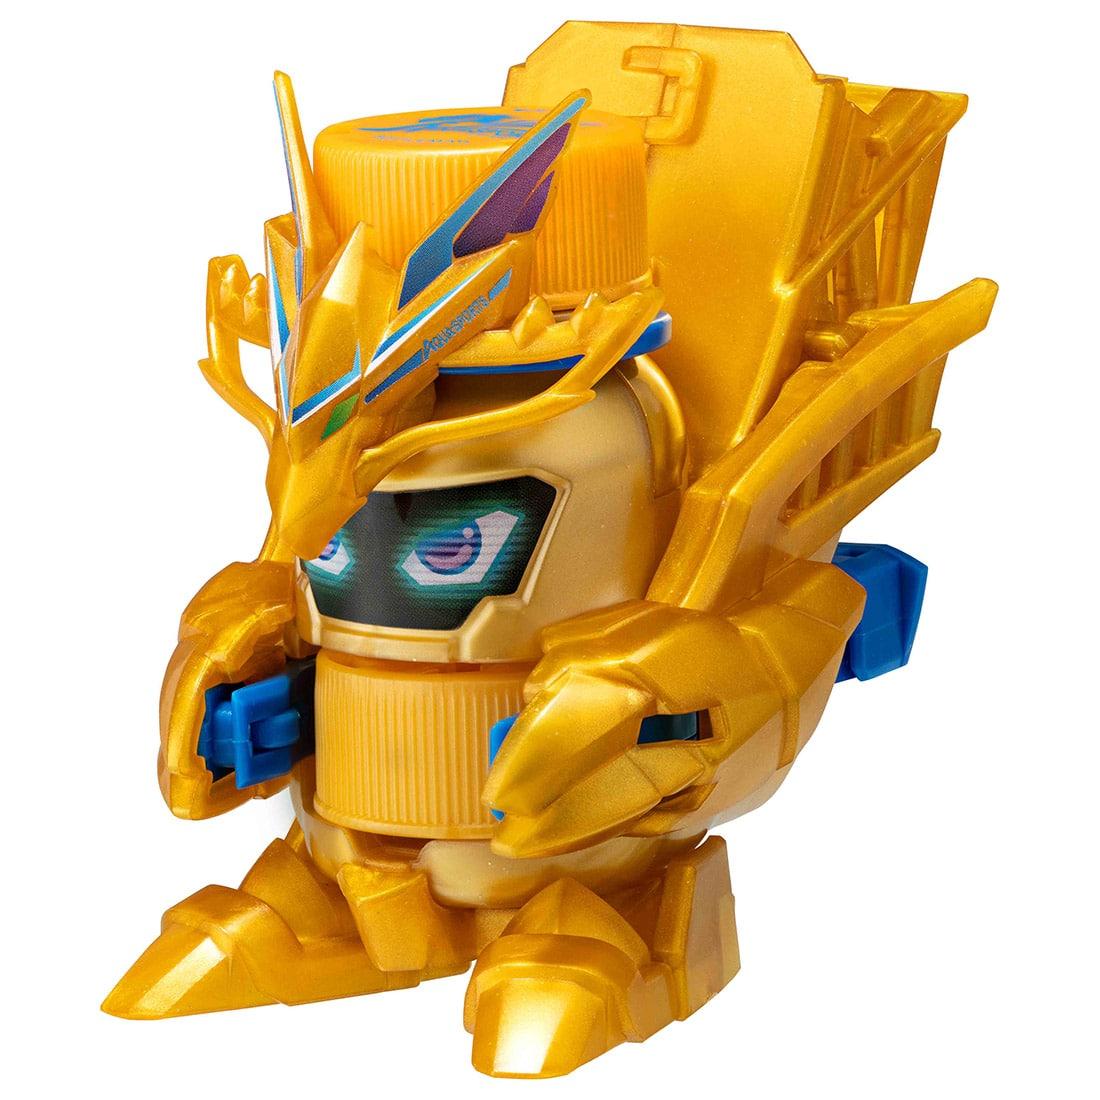 キャップ革命 ボトルマン『BOT-13 アクアスポーツ GOLD』おもちゃ-001